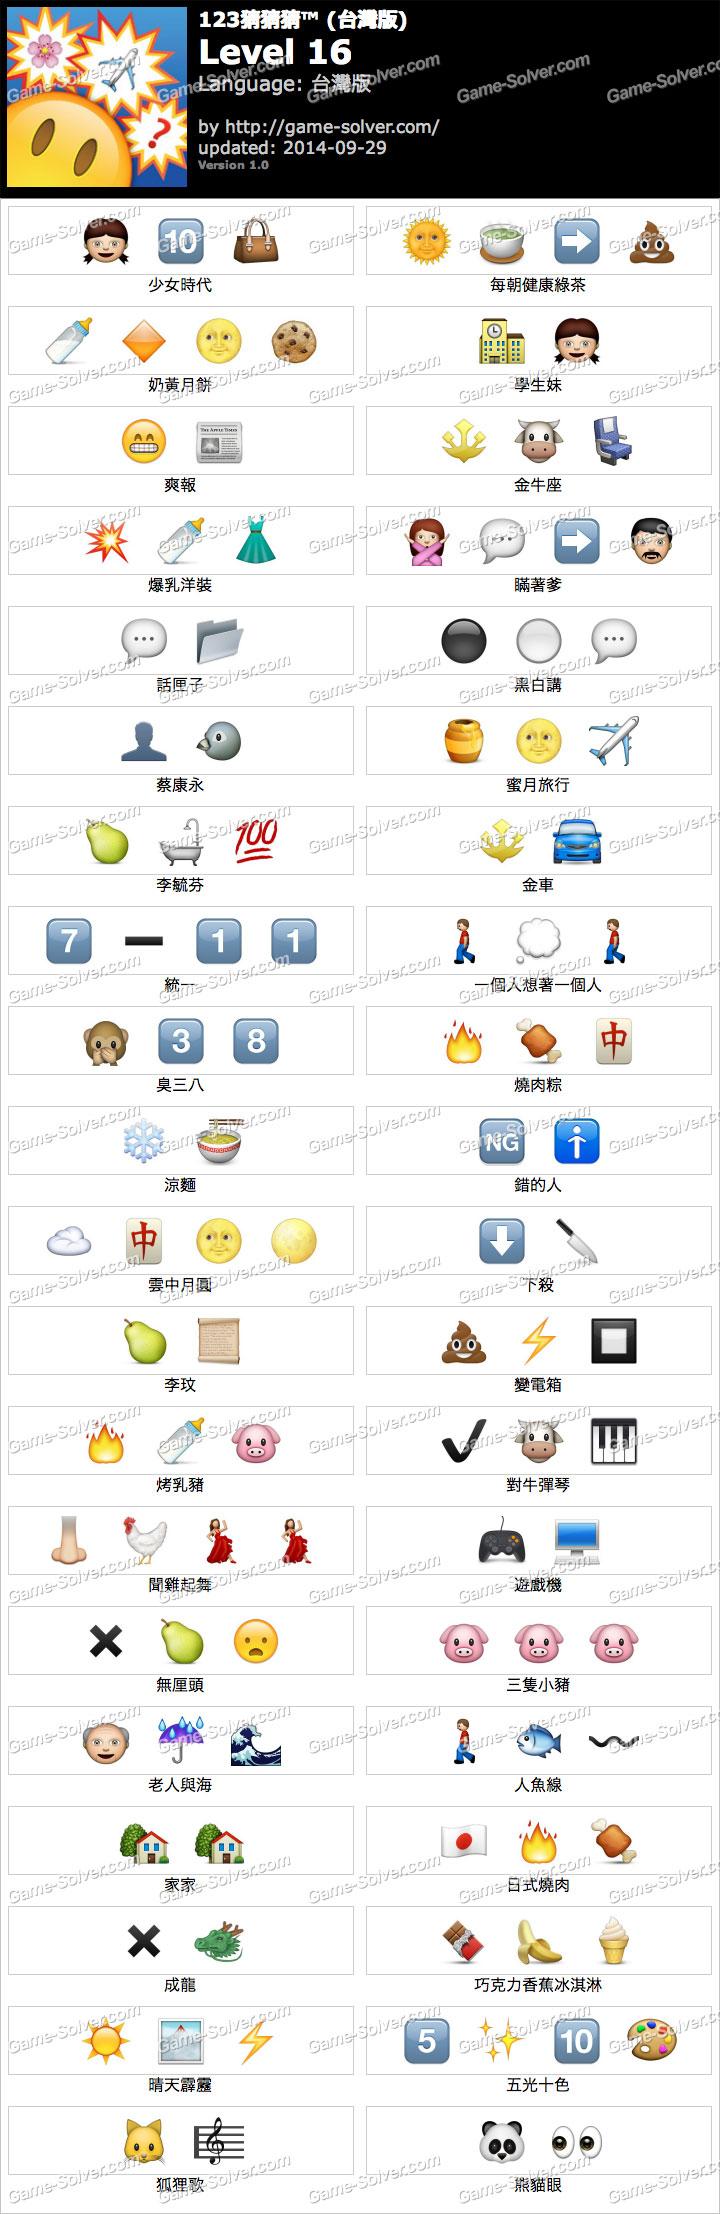 123猜猜猜台灣版答案等級16